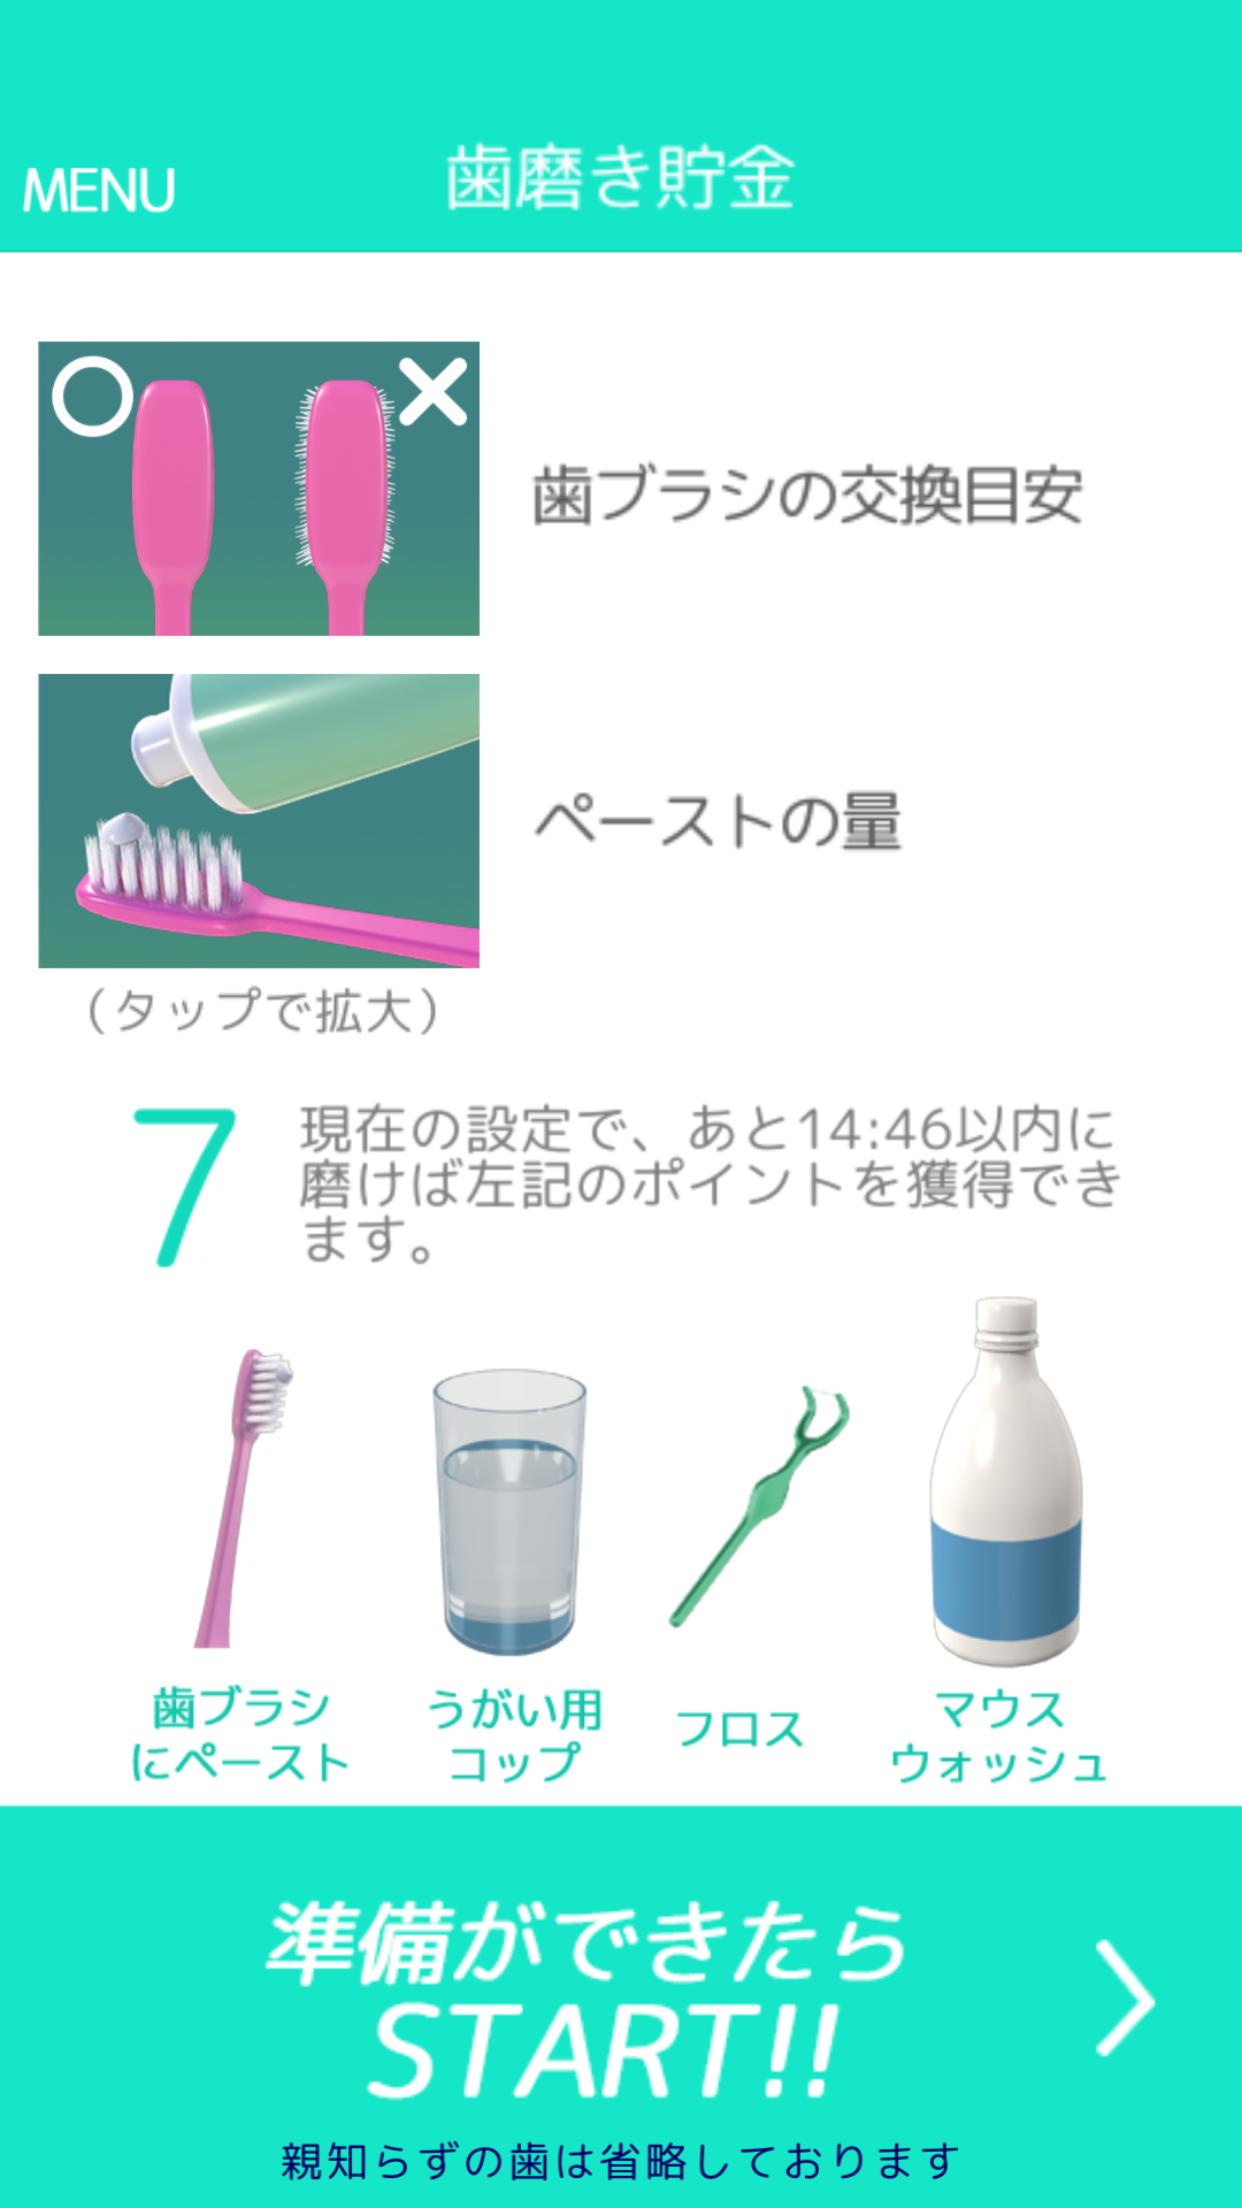 歯磨きアプリ/歯磨き貯金1-2